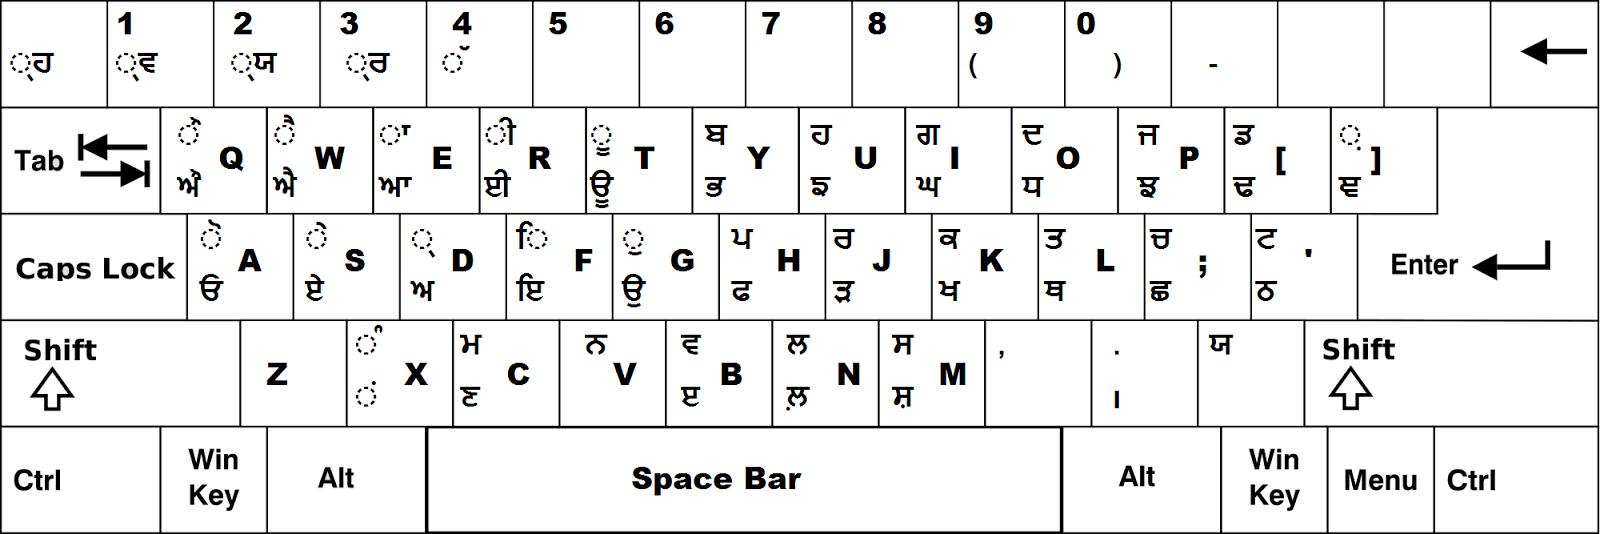 Punjabi Keyboard for Raavi Font | Everything Easy